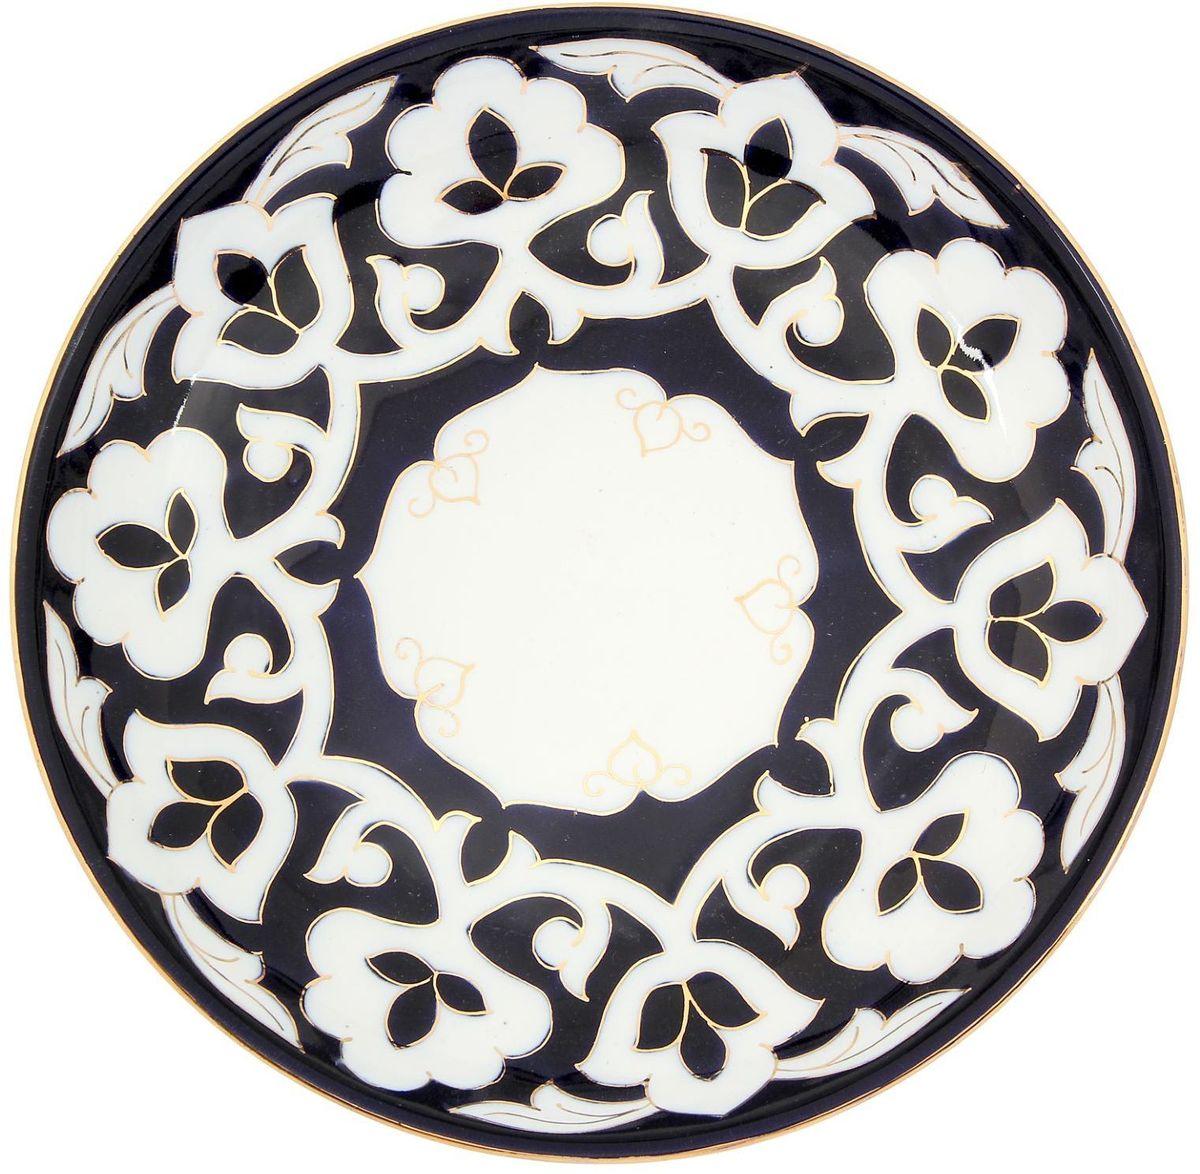 """Узбекская посуда известна всему миру уже более тысячи лет. Ей любовались царские особы, на ней подавали еду для шейхов и знатных персон. Формулы красок и глазури передаются из поколения в поколение. По сей день качественные расписные изделия продолжают восхищать совершенством и завораживающей красотой.  Данный предмет подойдет для повседневной и праздничной сервировки. Дополните стол текстилем и салфетками в тон, чтобы получить элегантное убранство с яркими акцентами.  Национальная узбекская роспись """"Пахта"""" сдержанна и благородна. Витиеватые узоры выводятся тонкой кистью, а фон заливается кобальтом. Синий краситель при обжиге слегка растекается и придает контуру изображений голубой оттенок. Густая глазурь наносится толстым слоем, благодаря чему рисунок мерцает."""